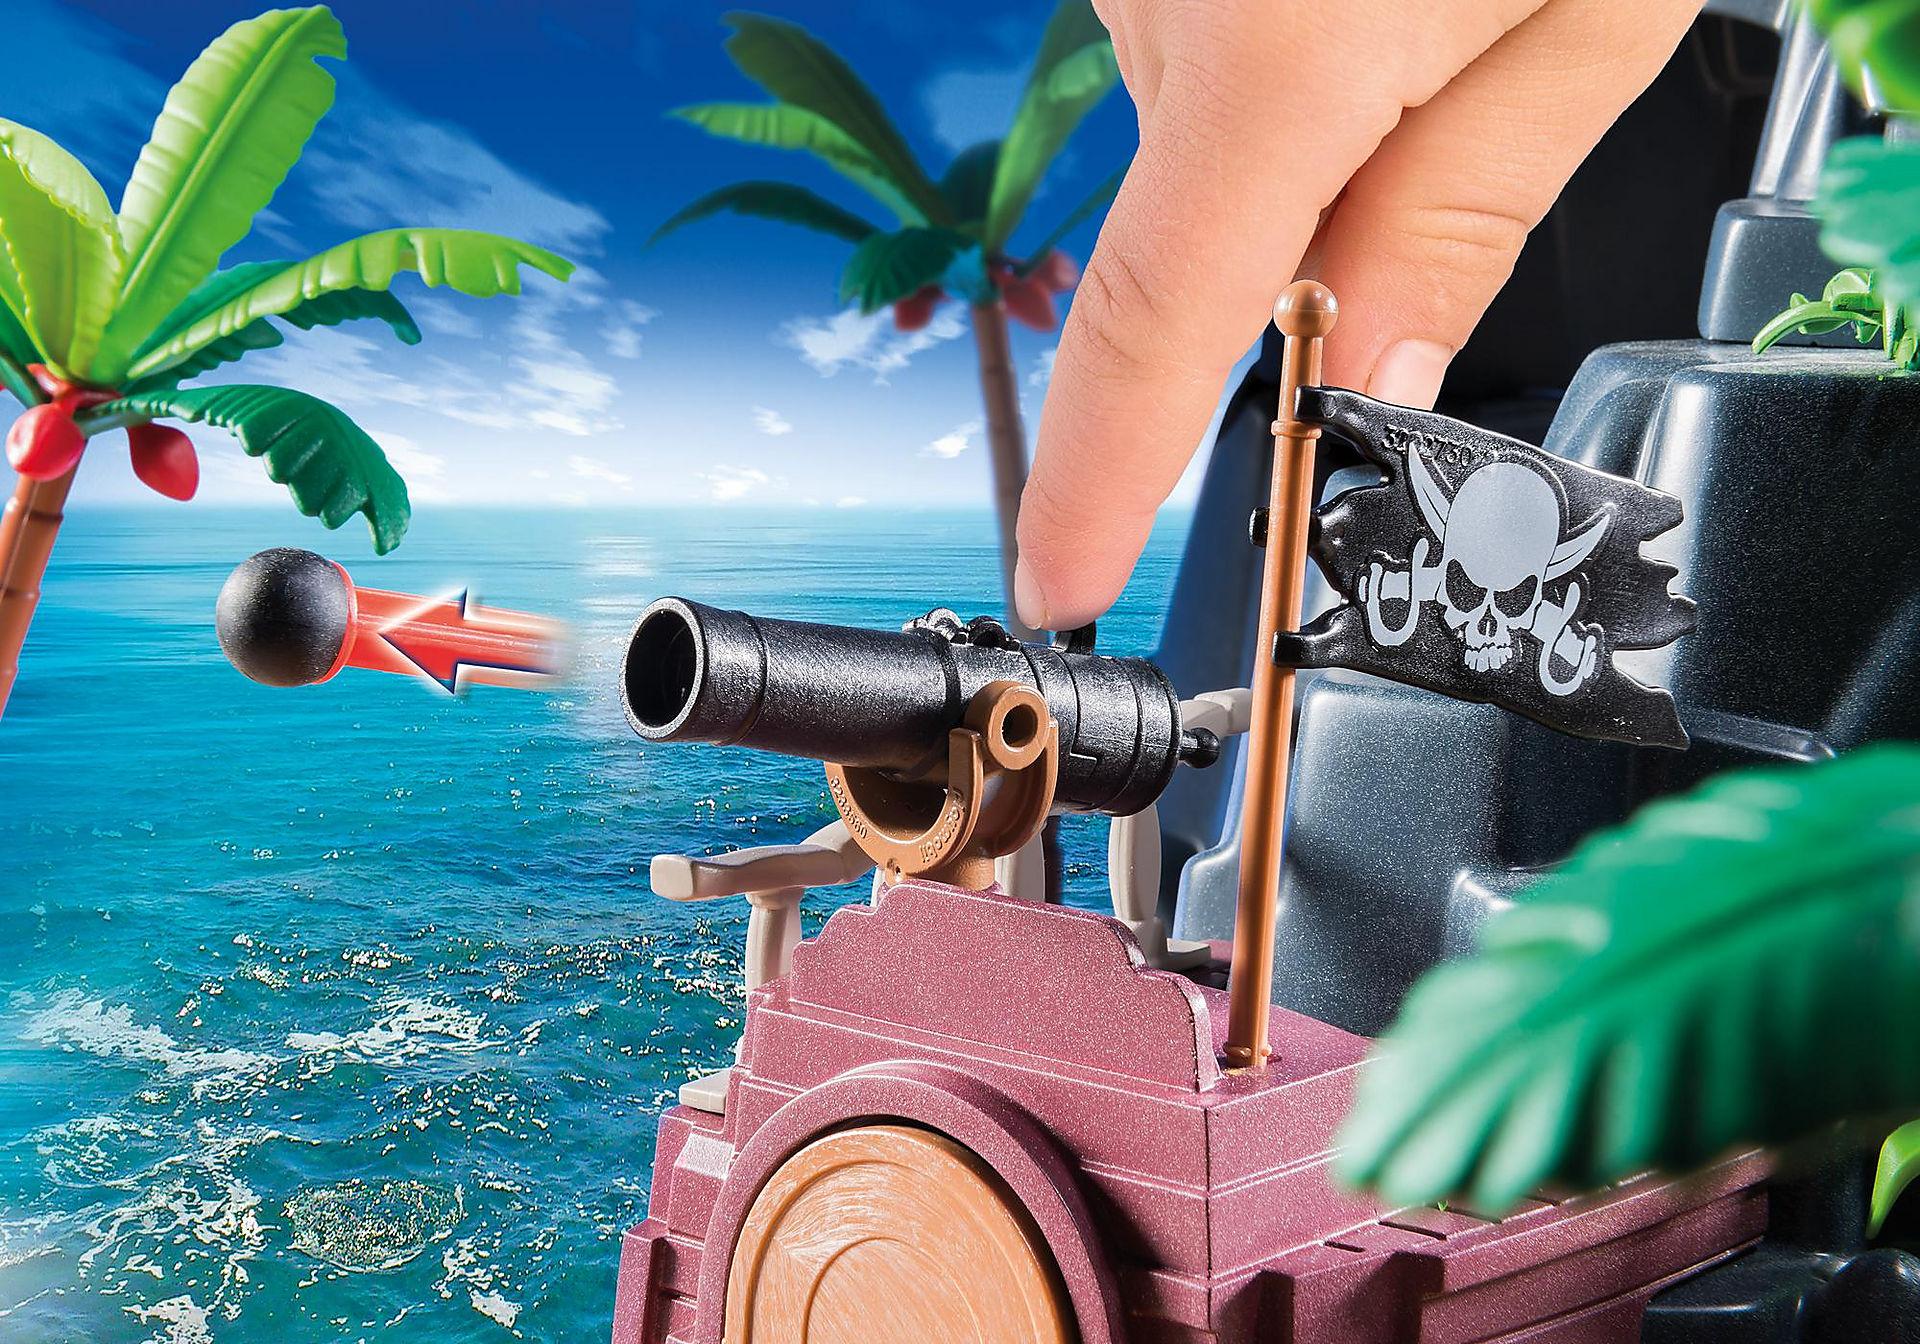 6679 Πειρατικό νησί θησαυρού zoom image8